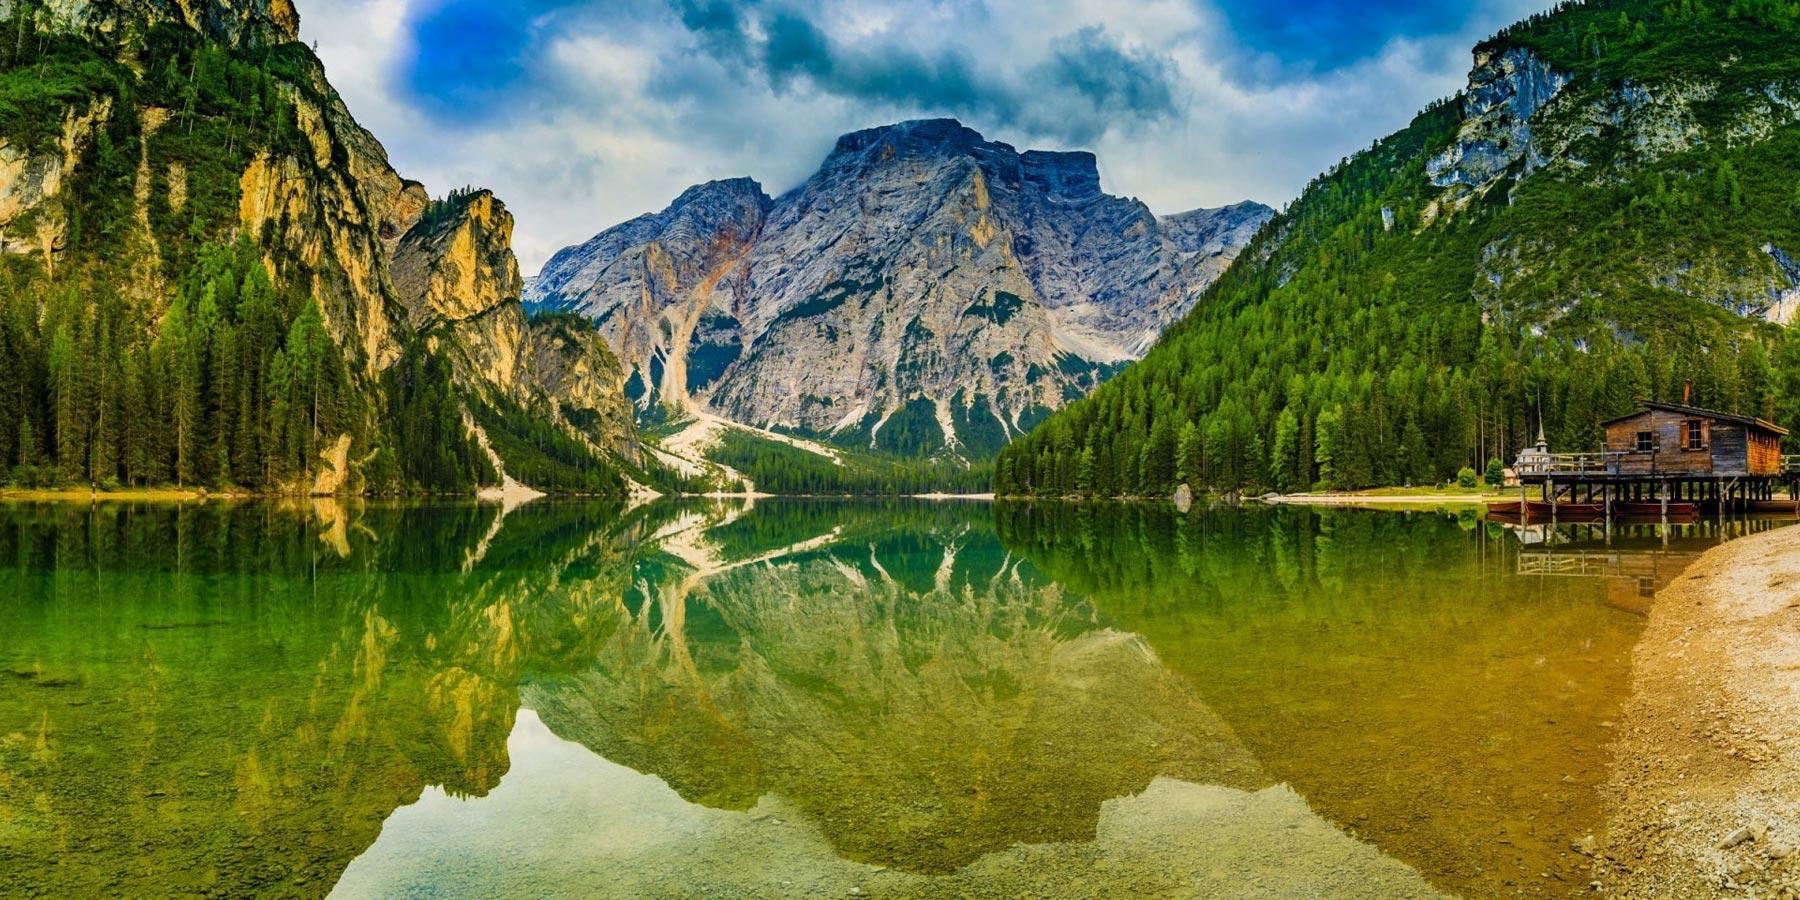 urlaub-zimmer-frühstück-bauernhof-pragser-wildsee-vacanza-maso-lago-di-braies-rooms-breakfast-farm-holidays-lake-hs3